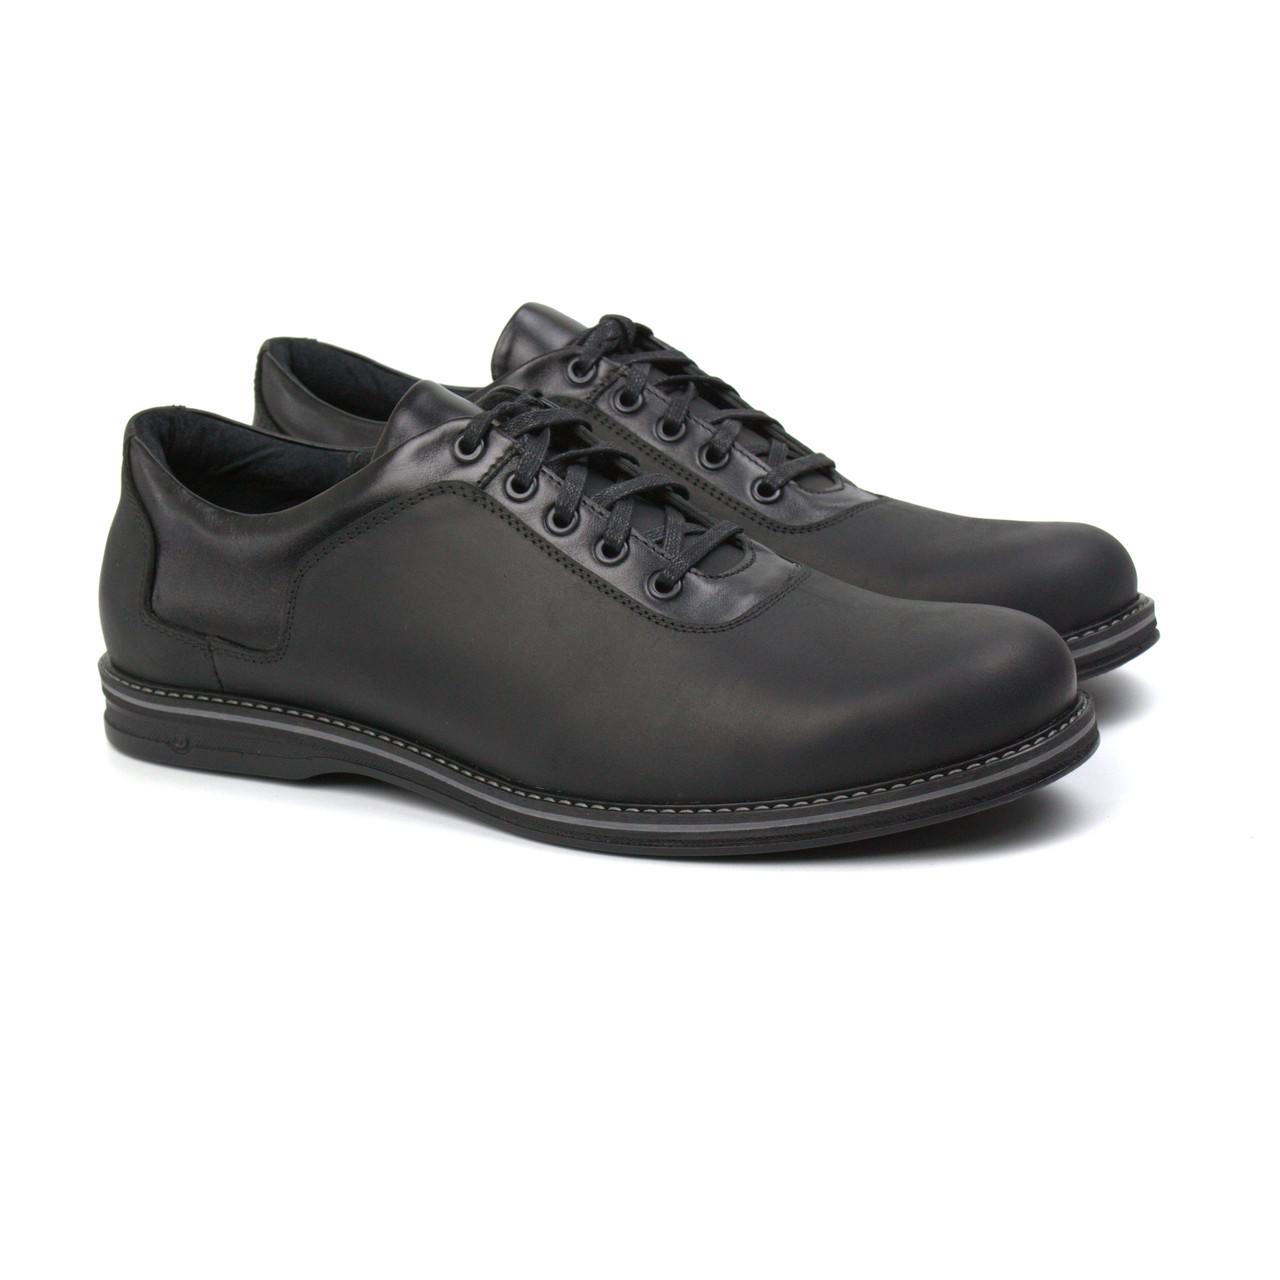 Полуботинки мужские кожаные черные обувь демисезонная на флисе Rosso Avangard Prince Black Crazy